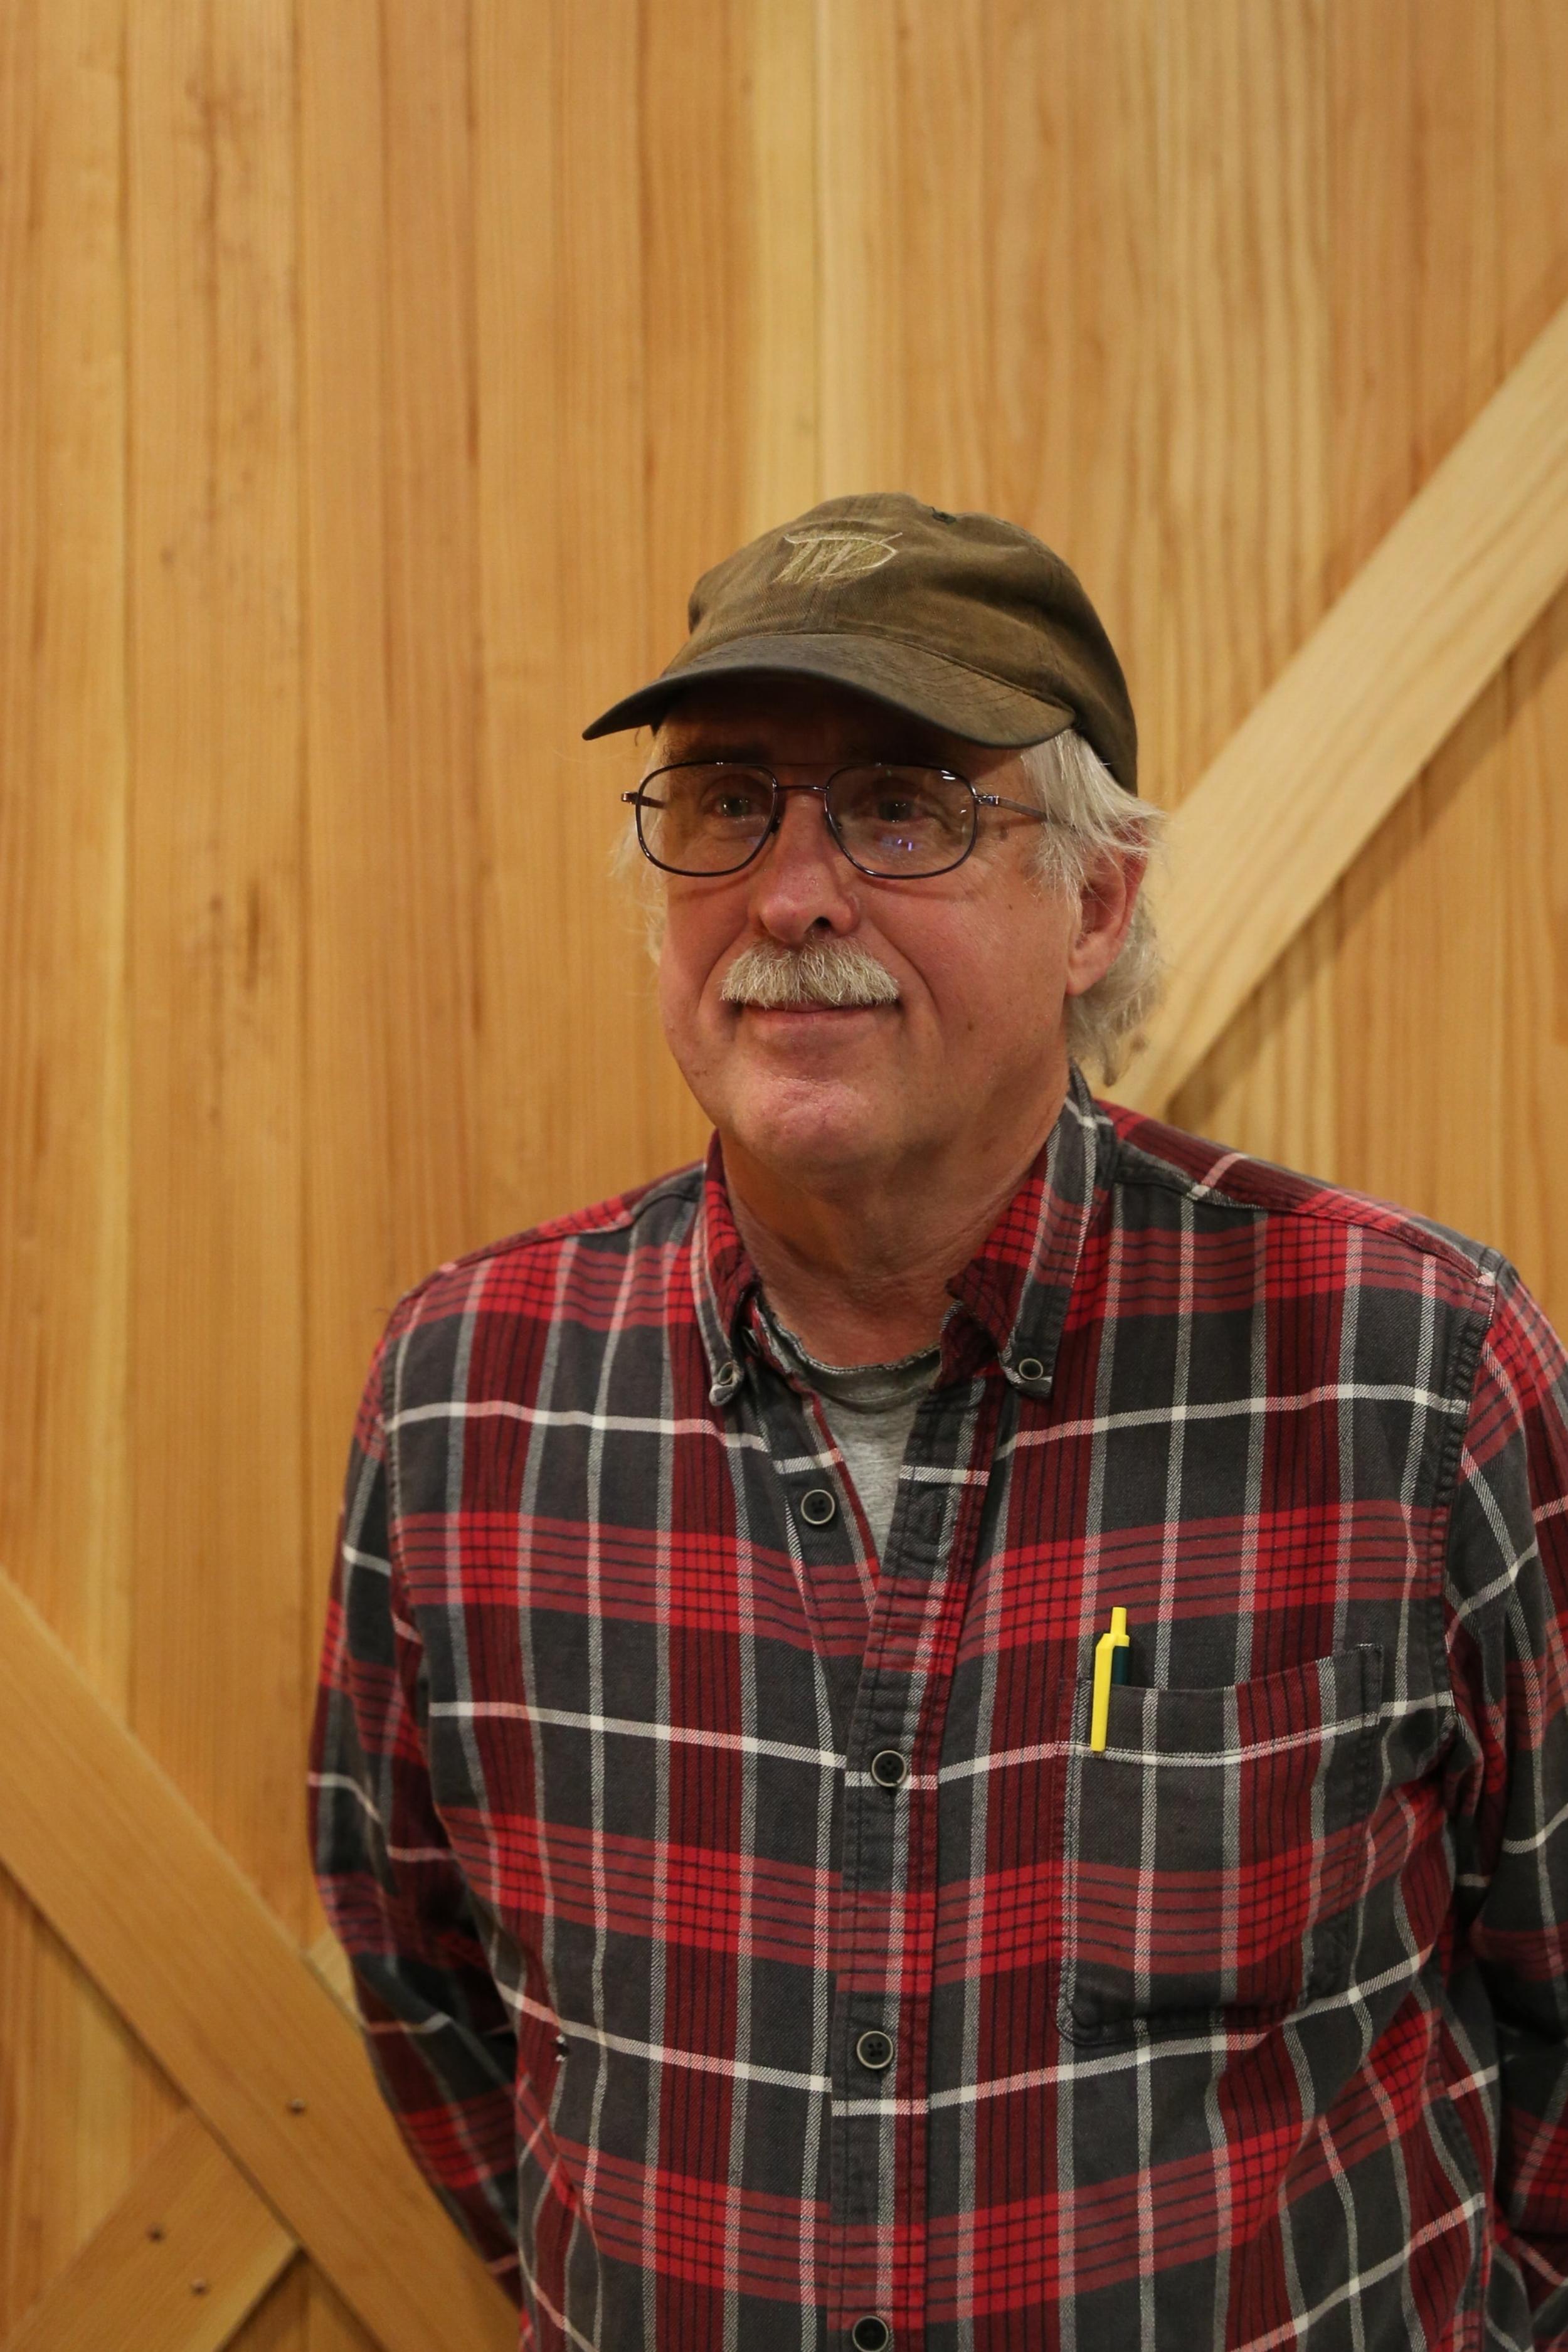 Mark Gibbons